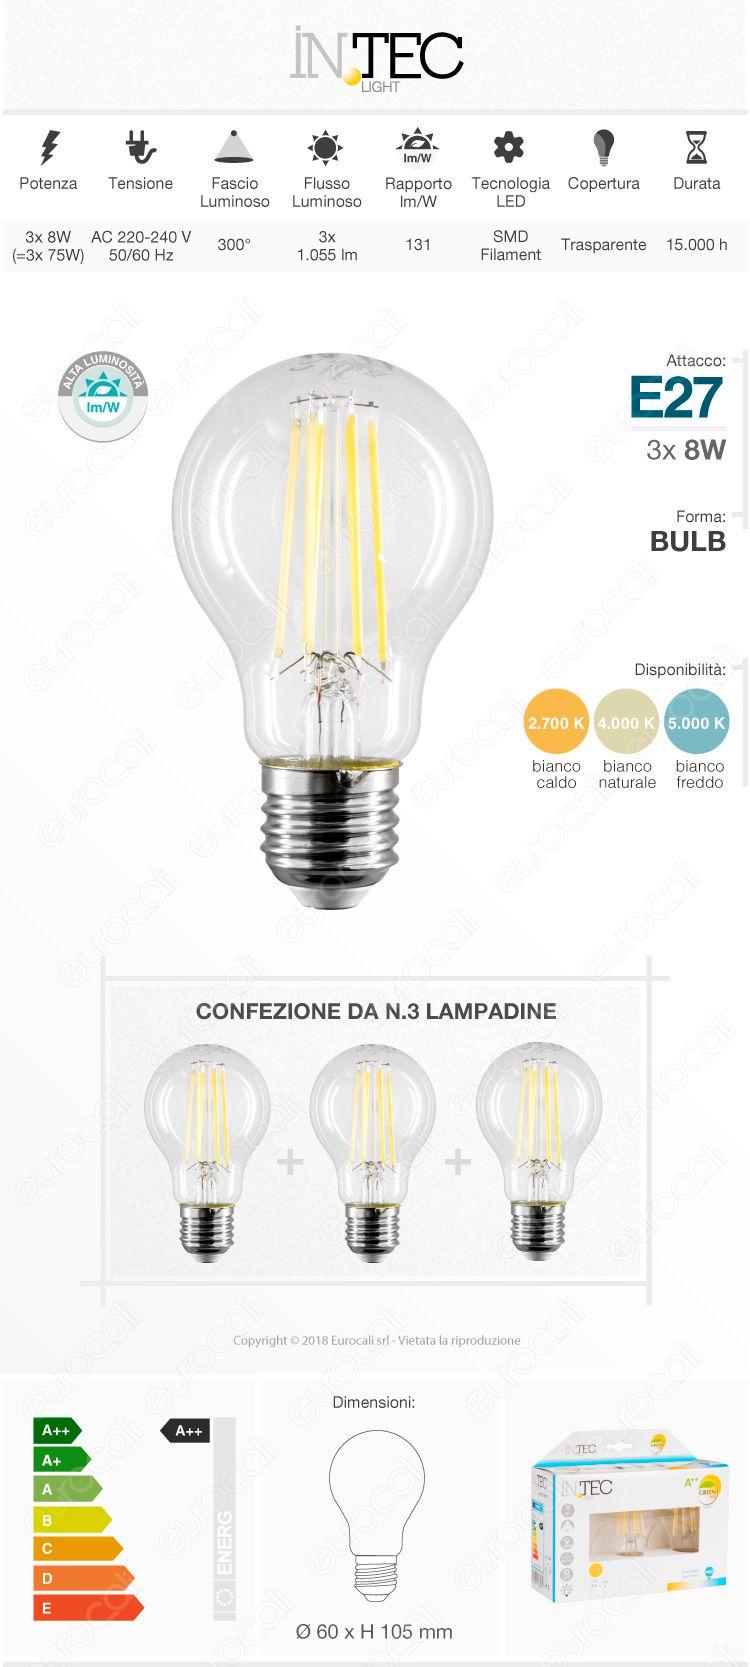 3 Lampadine LED E27 12W Bulb A60 Fan Europe Intec Light Confezione Risparmio